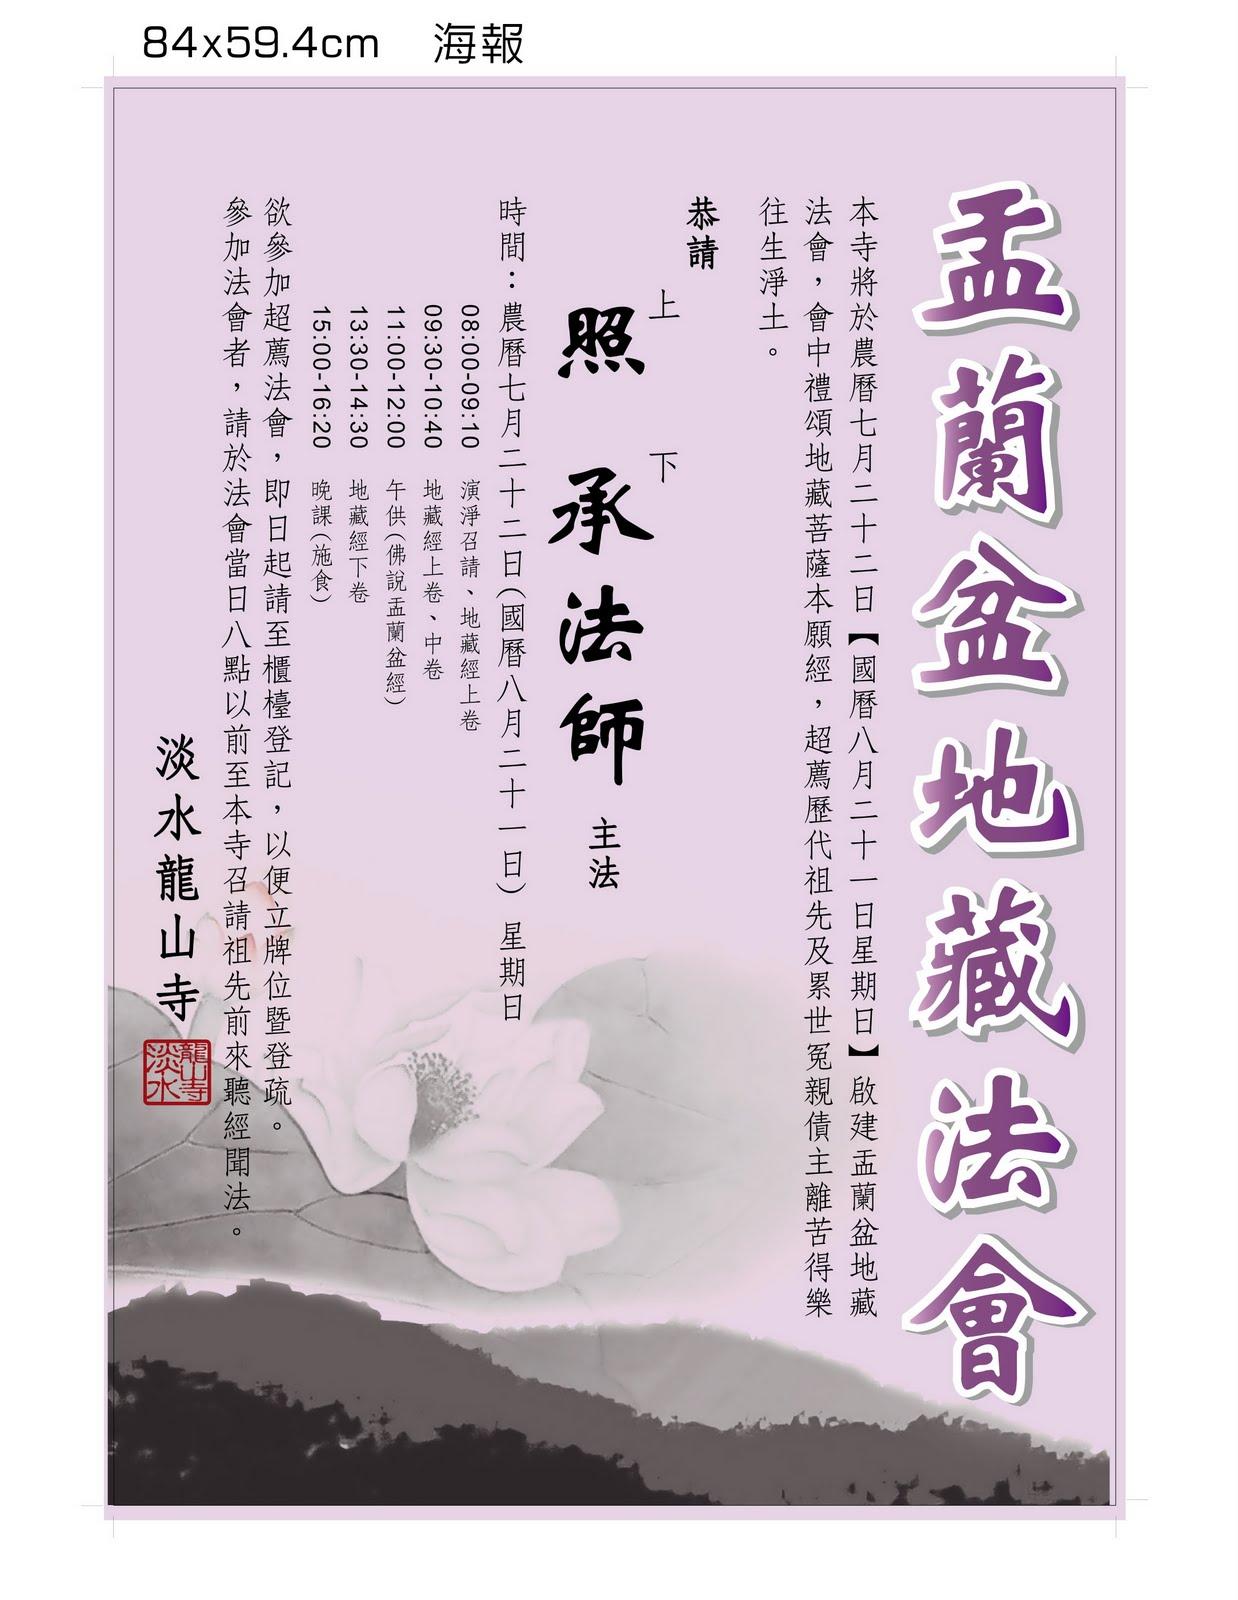 淡水龍山寺官方網站 :: LongSan Temple Official Site: 七月 2011